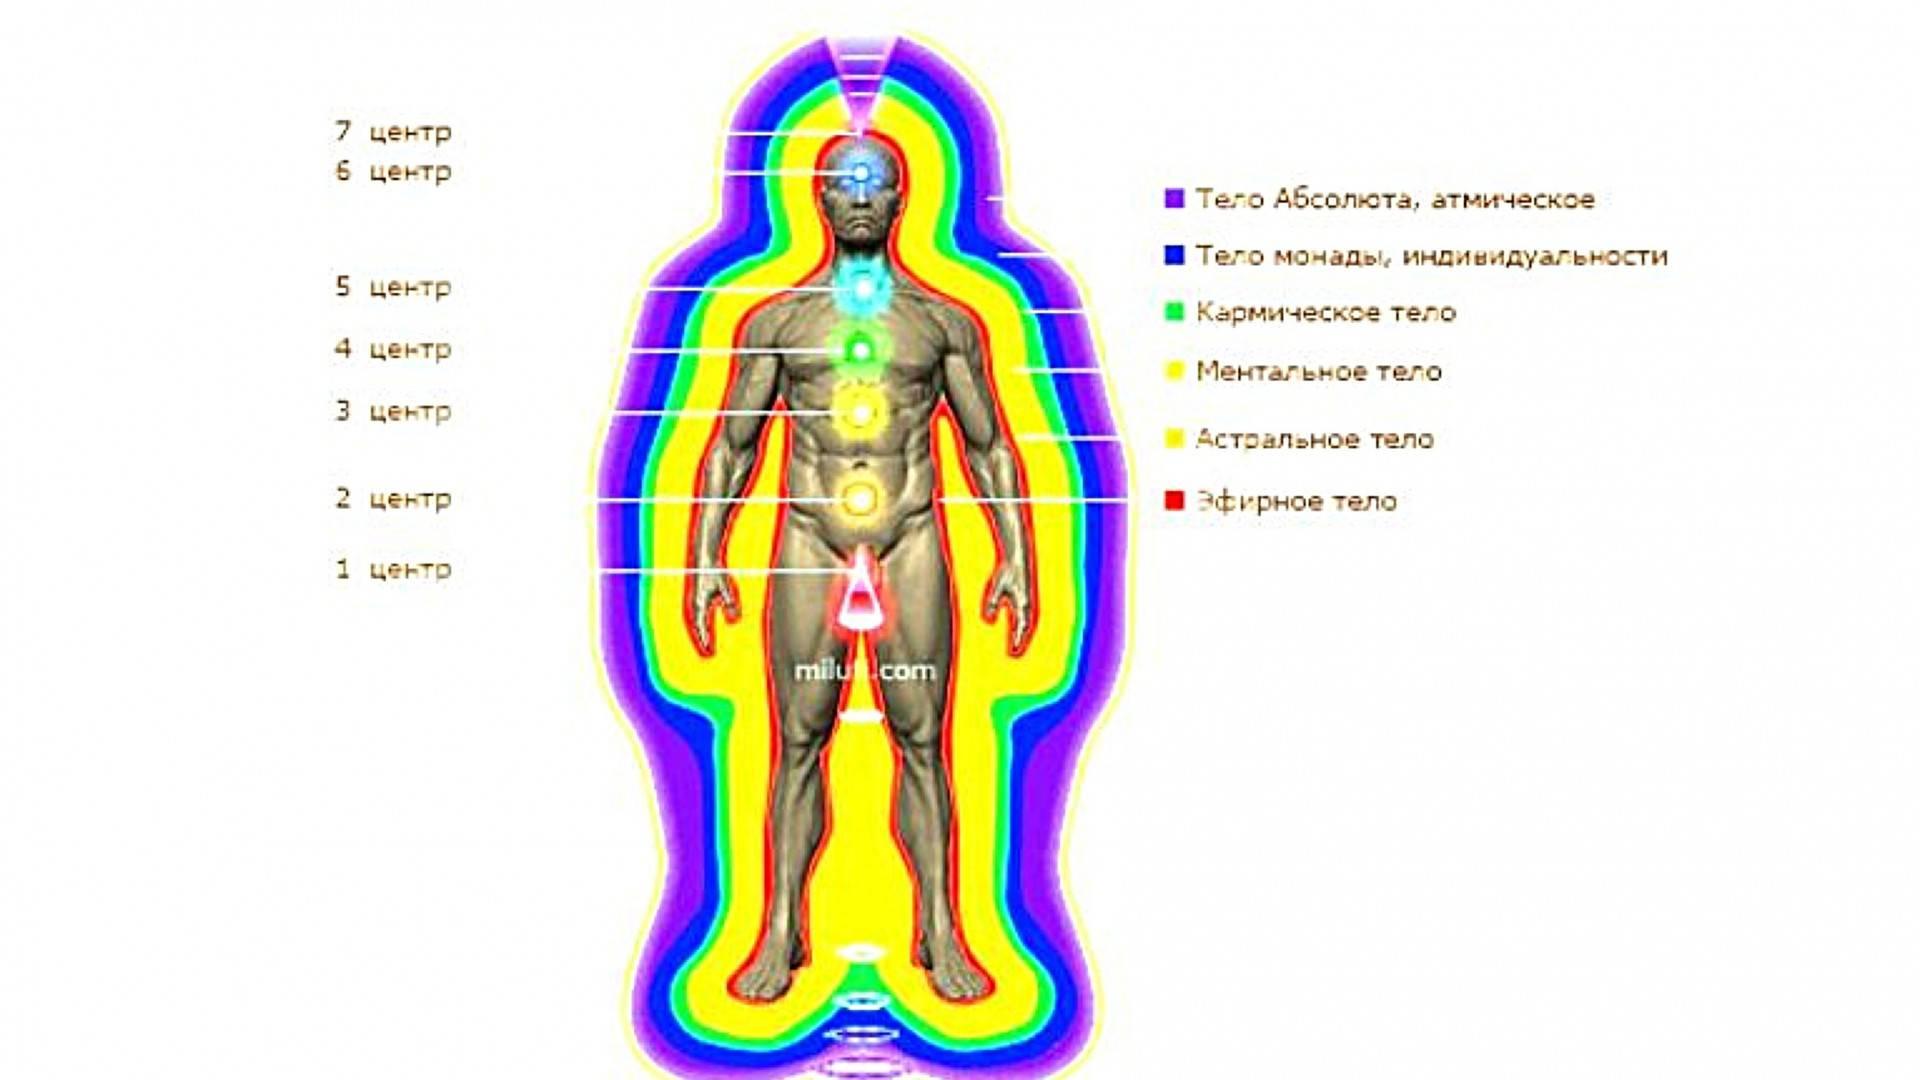 Астральное тело человека что это такое. астральное тело человека и физическое тело